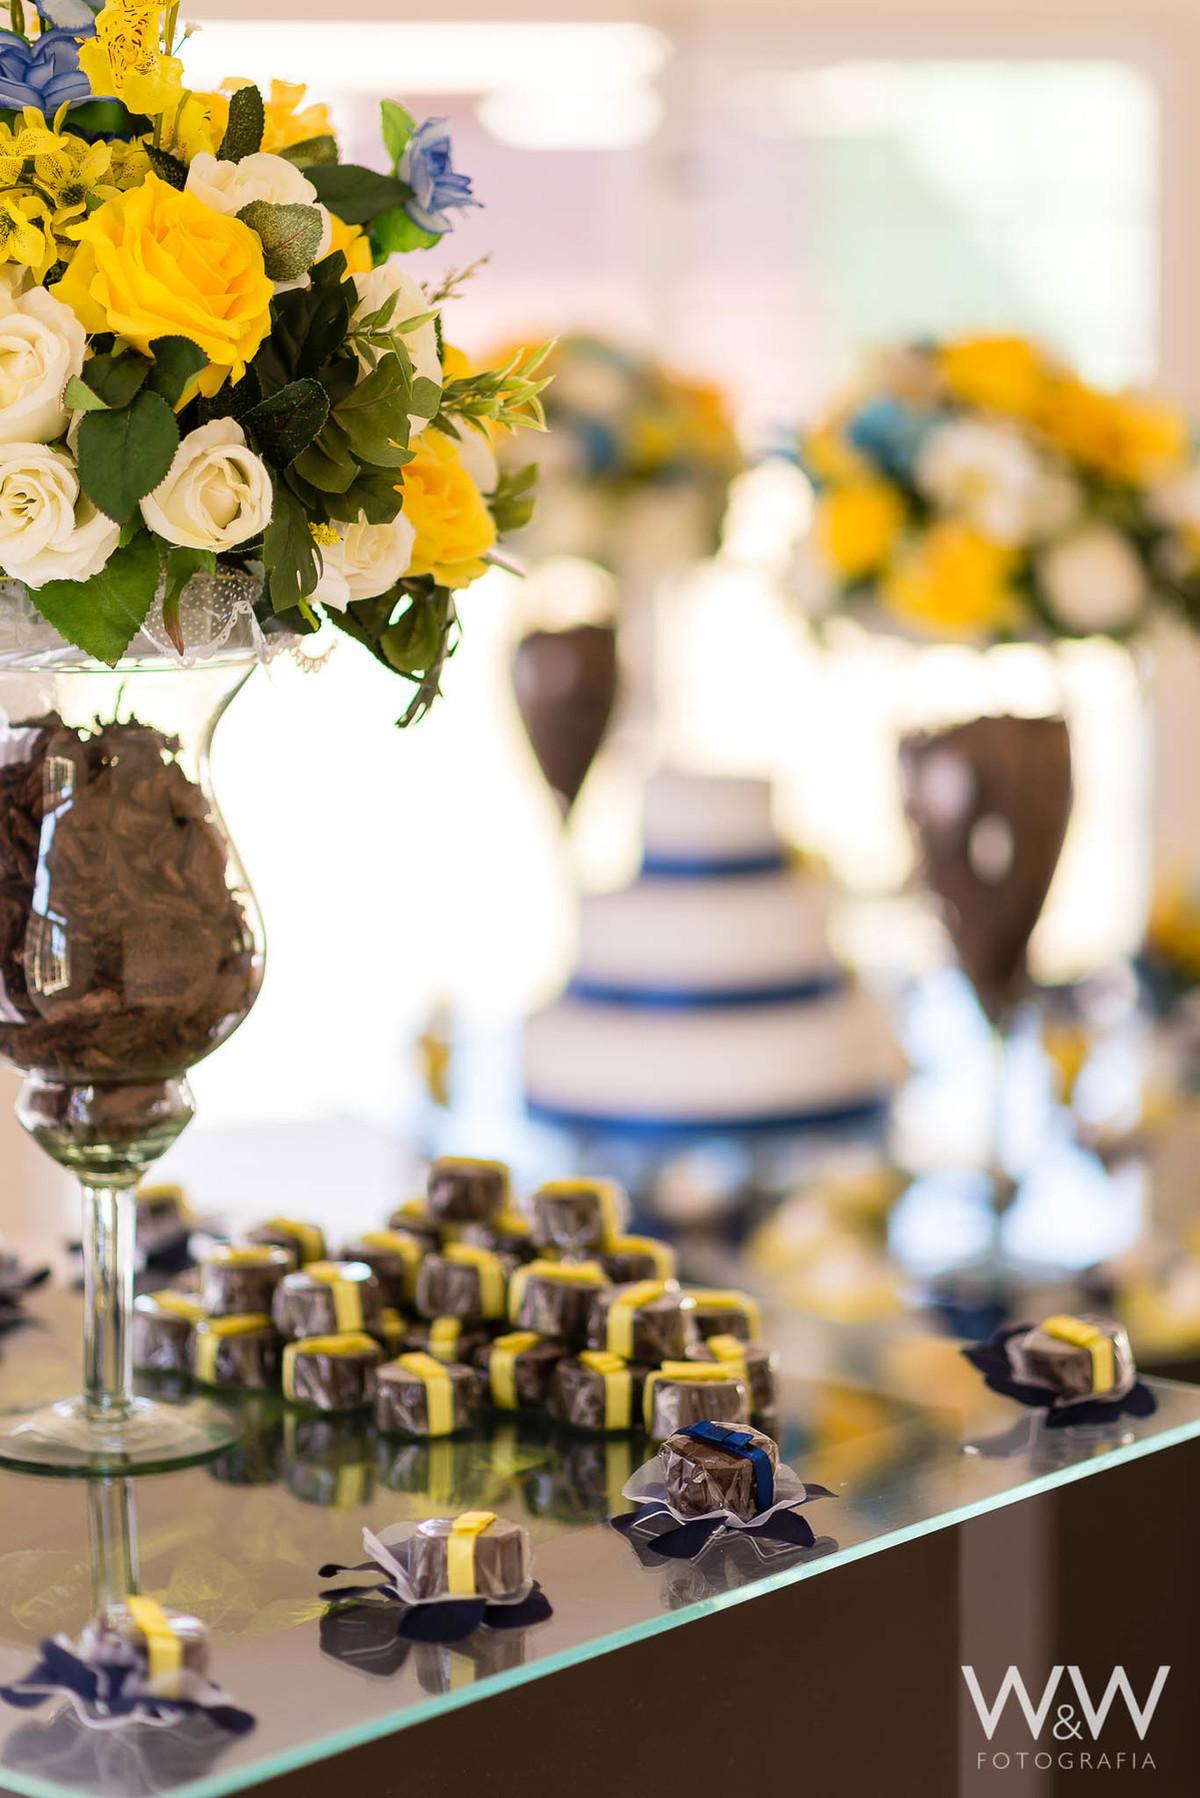 casamento decoração mairiporã são paulo wew fotografia